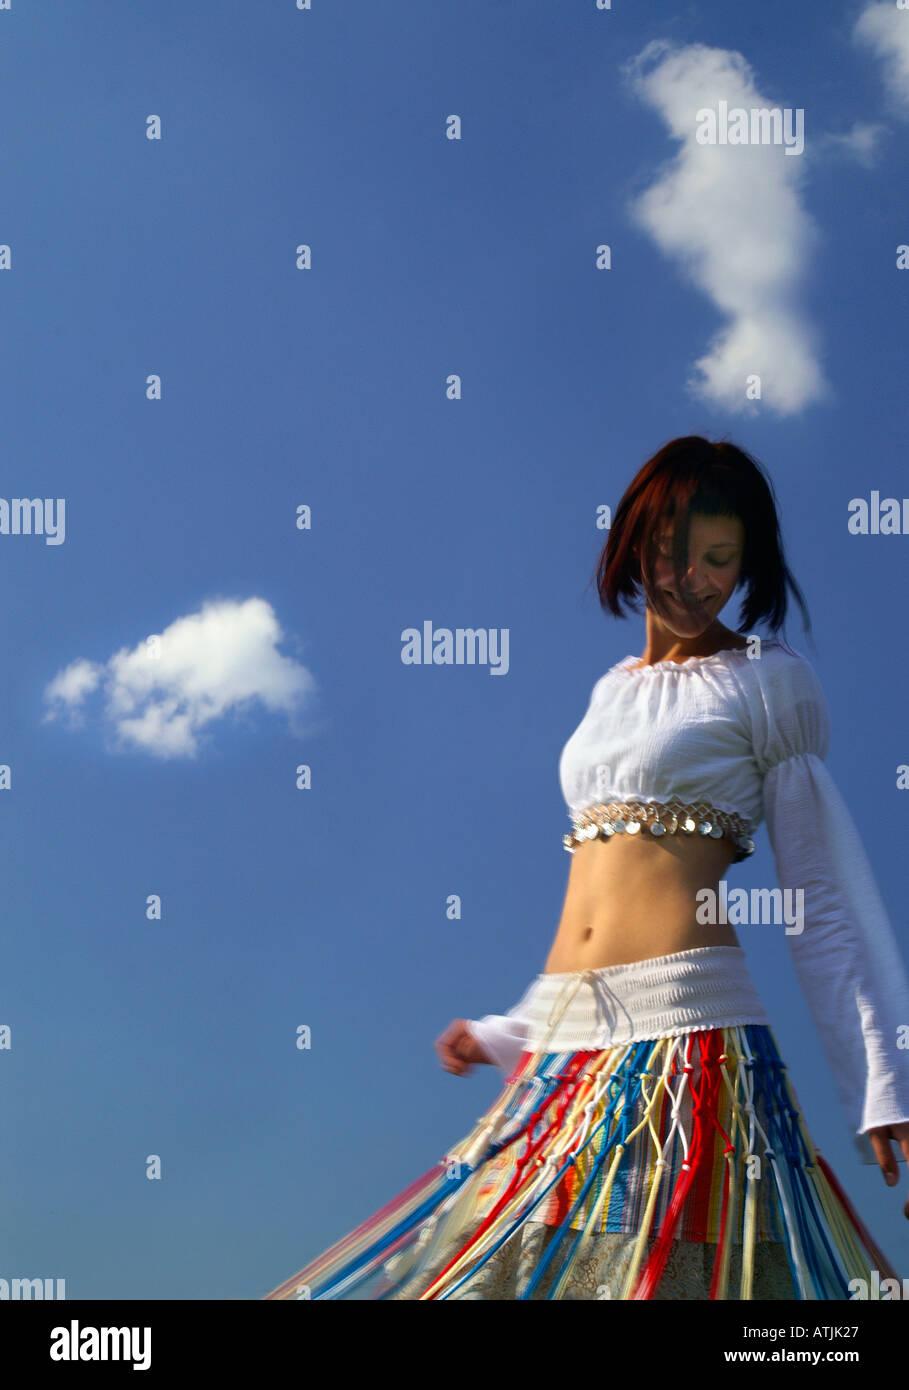 Ziemlich schöne schlanke Mädchen, Teenager nackt